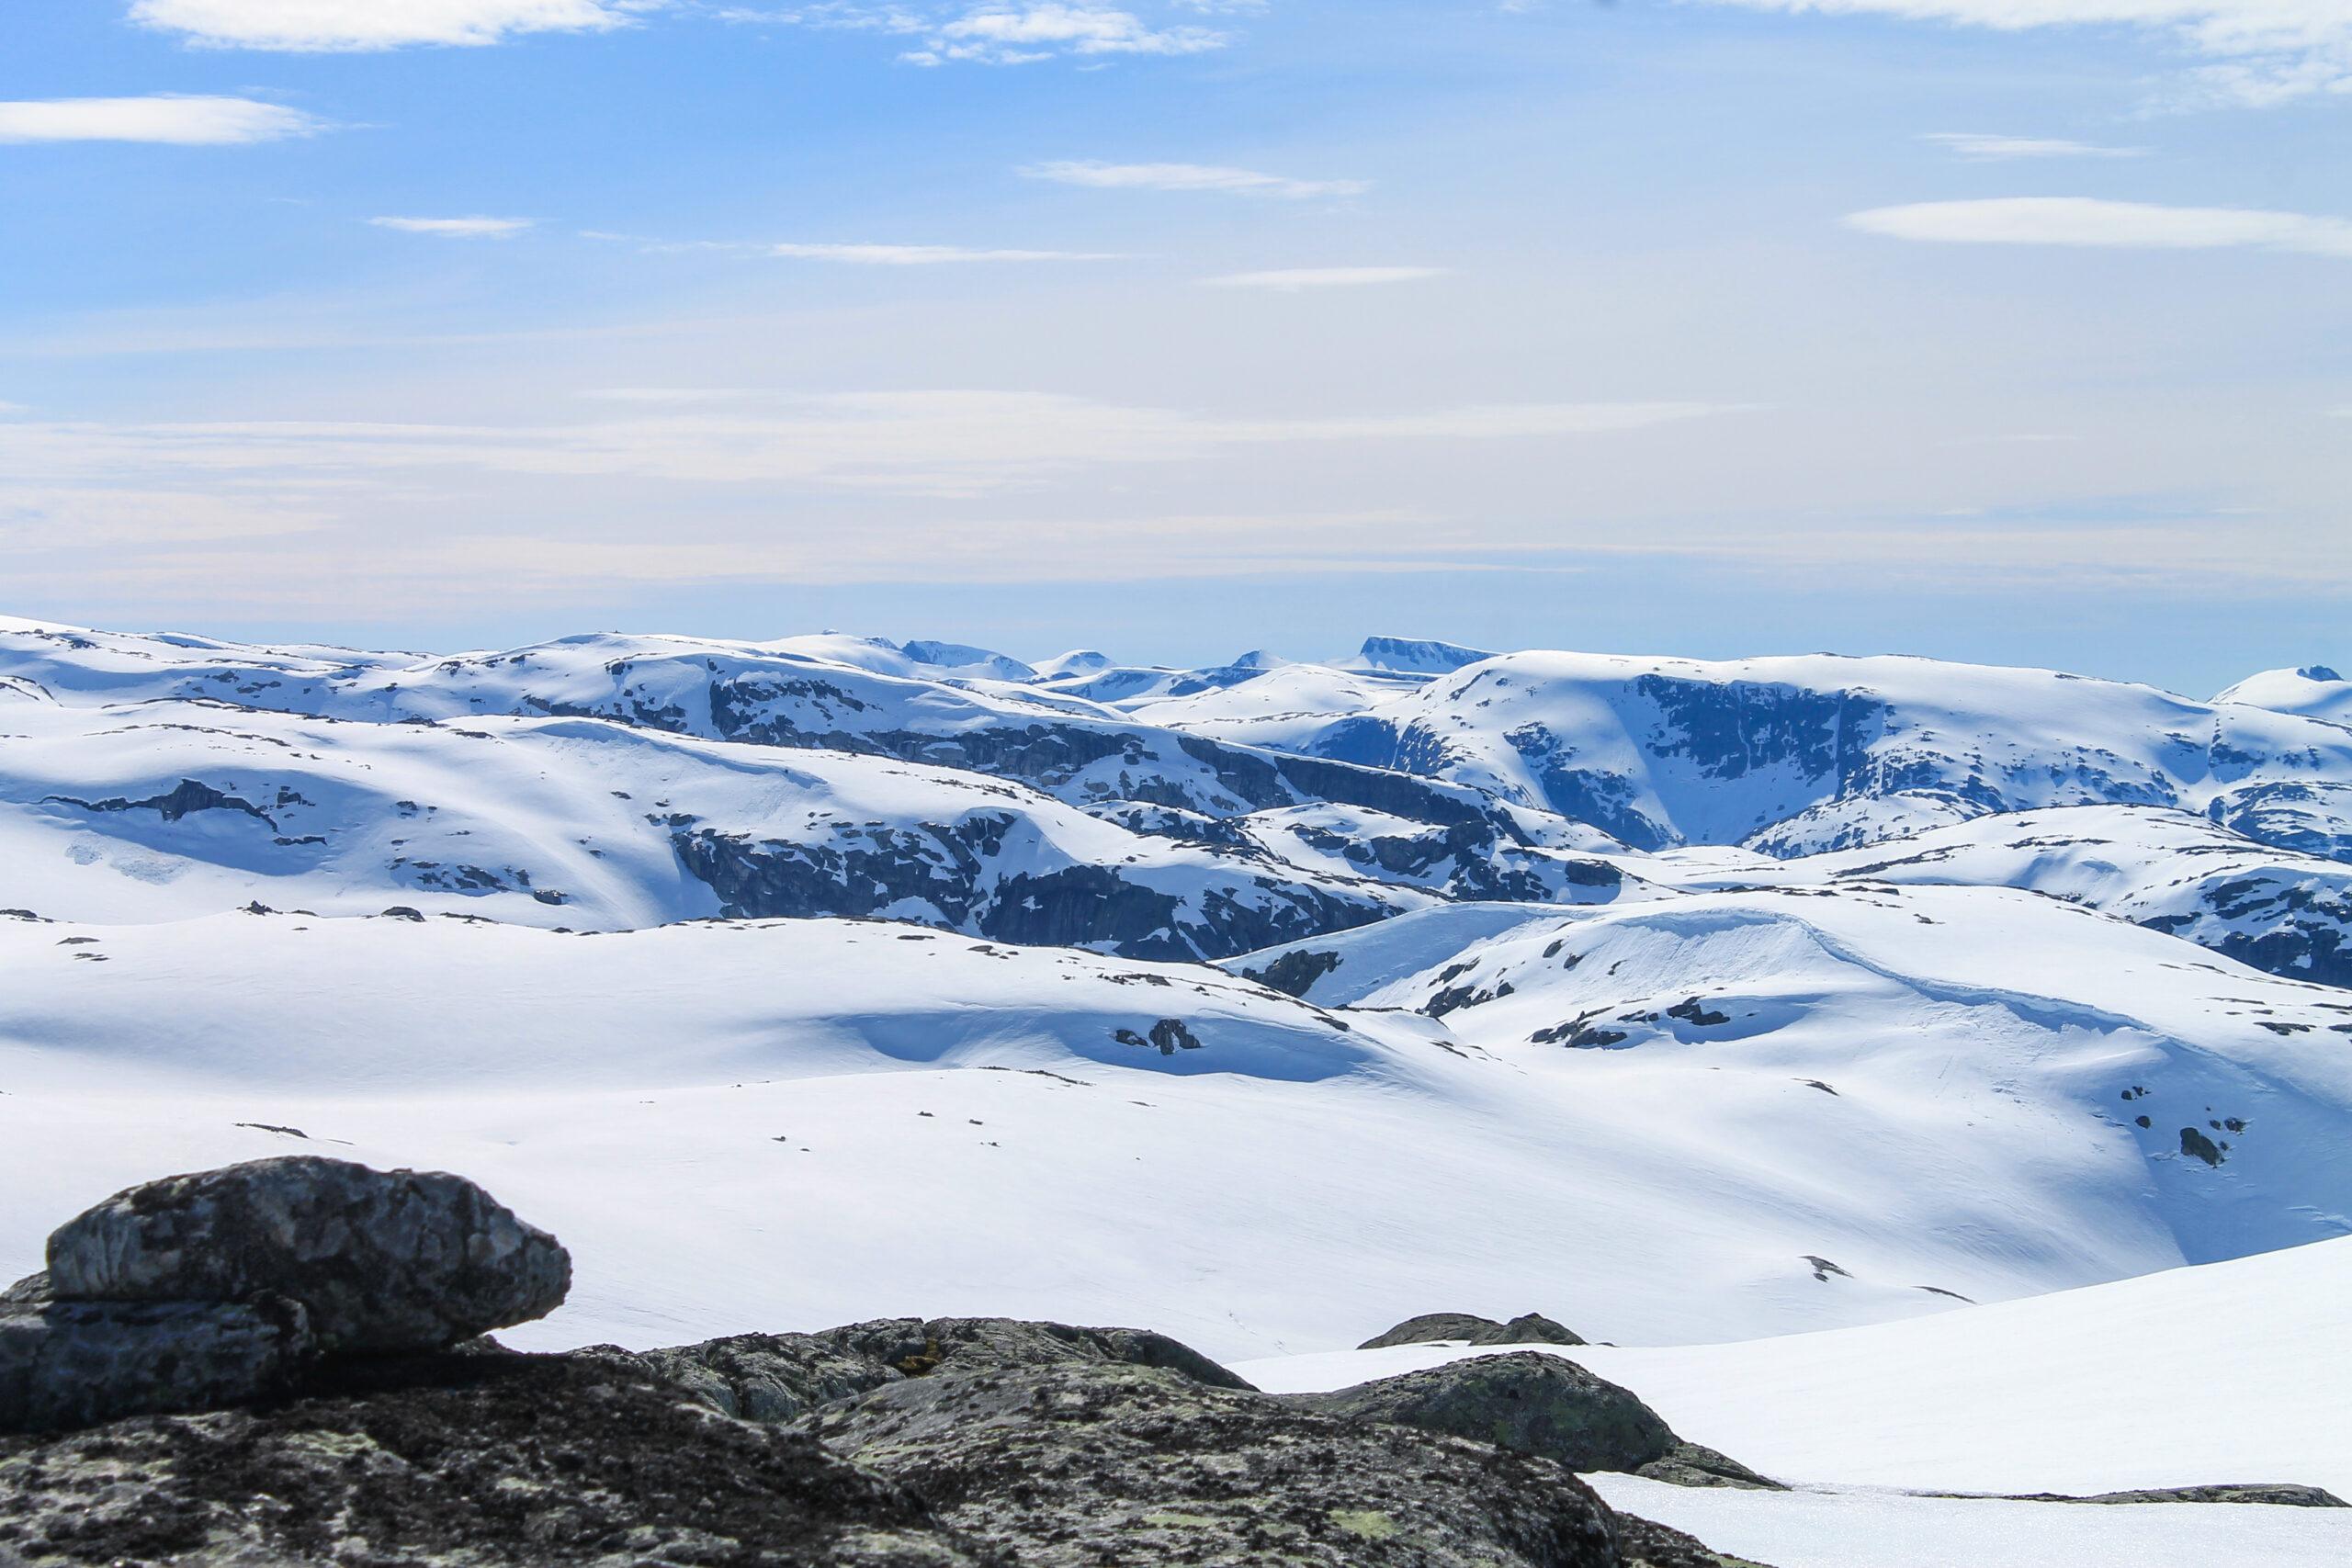 Fonnabu helt til venstre i bildet med fjellryggen Fonnanuten (varden) som strekker seg ned til Breidablikk.